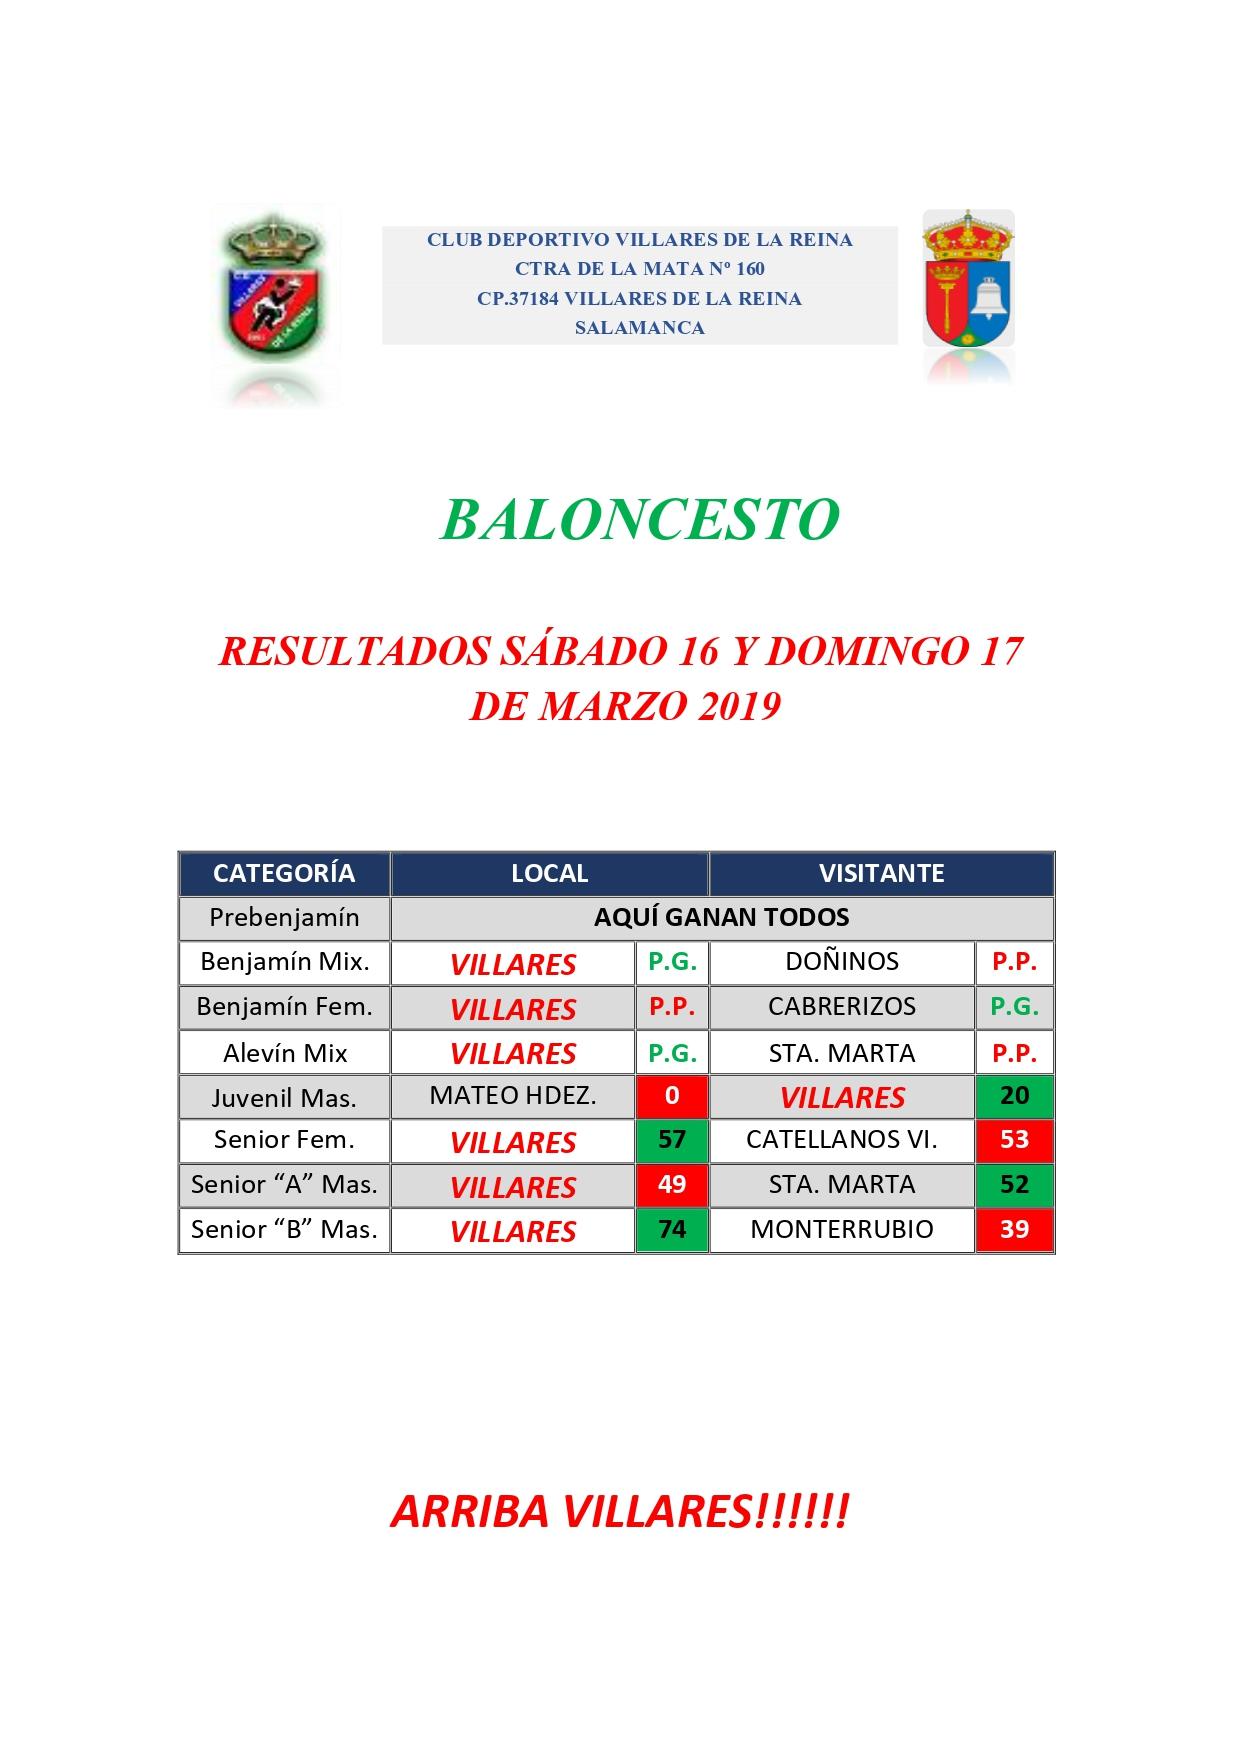 RESULTADOS DE BALONCESTO S�BADO 16 Y DOMINGO 17 DE MARZO